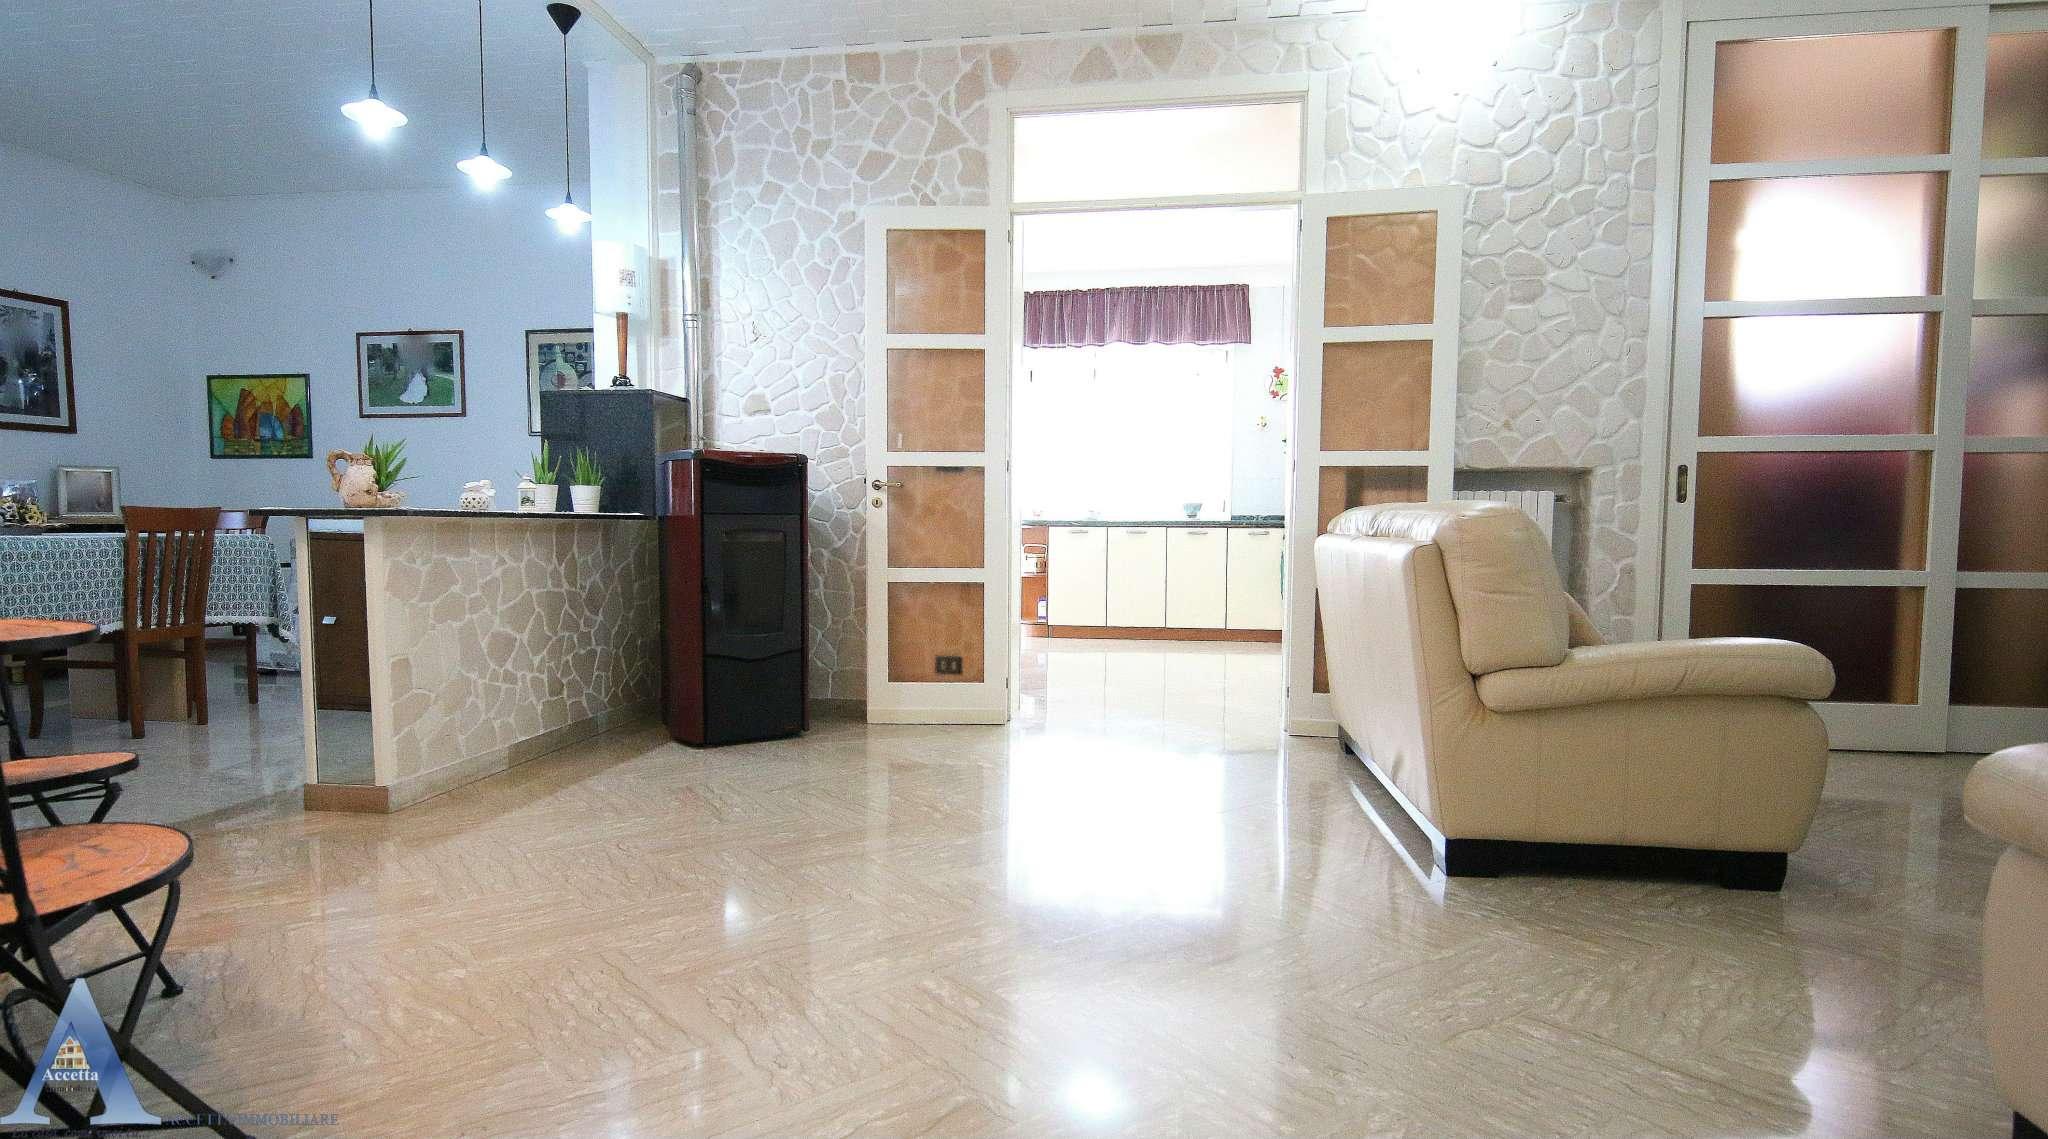 Appartamento in vendita a Taranto, 4 locali, prezzo € 138.000 | CambioCasa.it